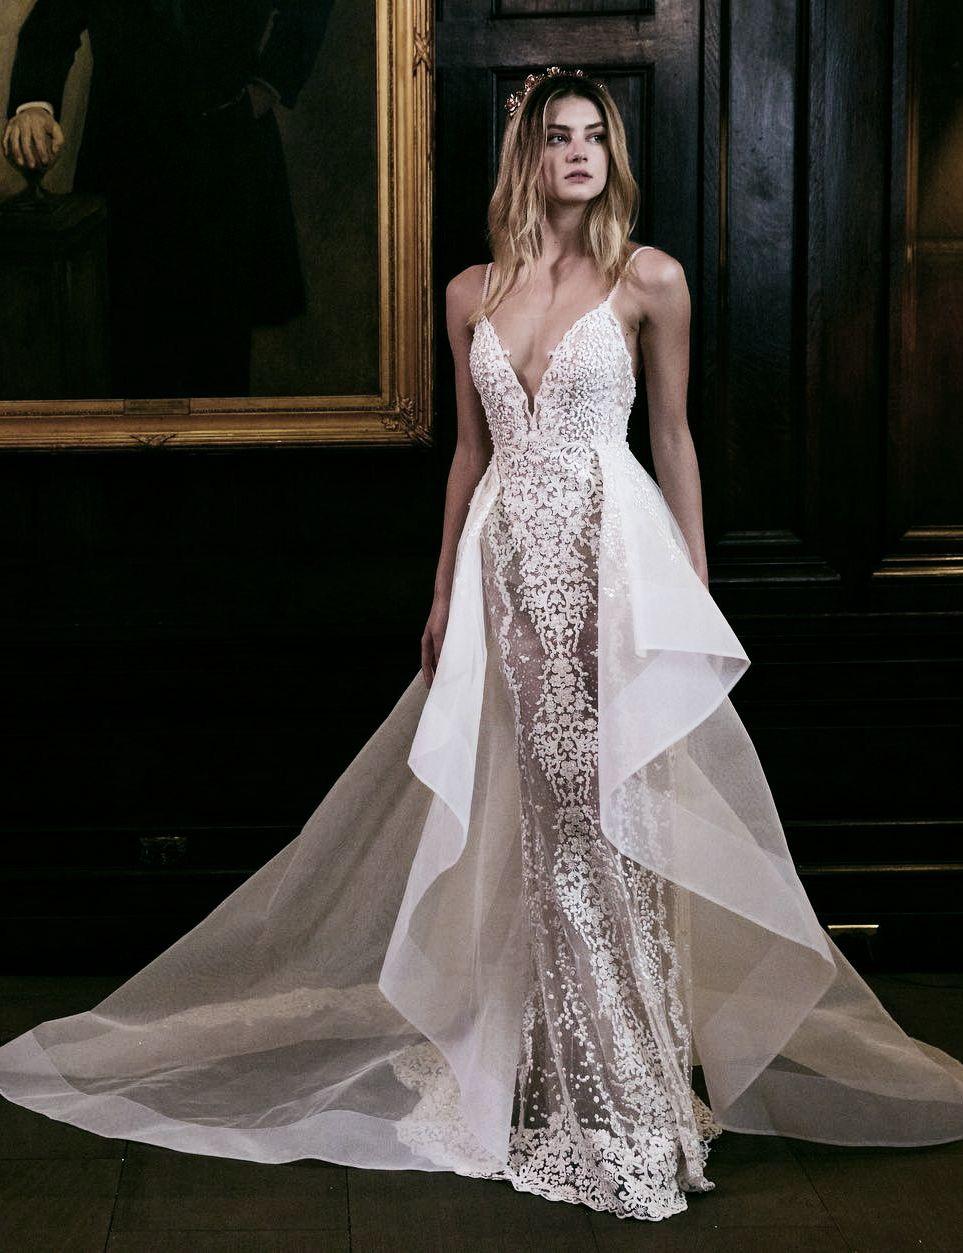 Blinged out wedding dress  runwayandbeauty uc Berta Bridal FallWinter  ud chateaudeluxe